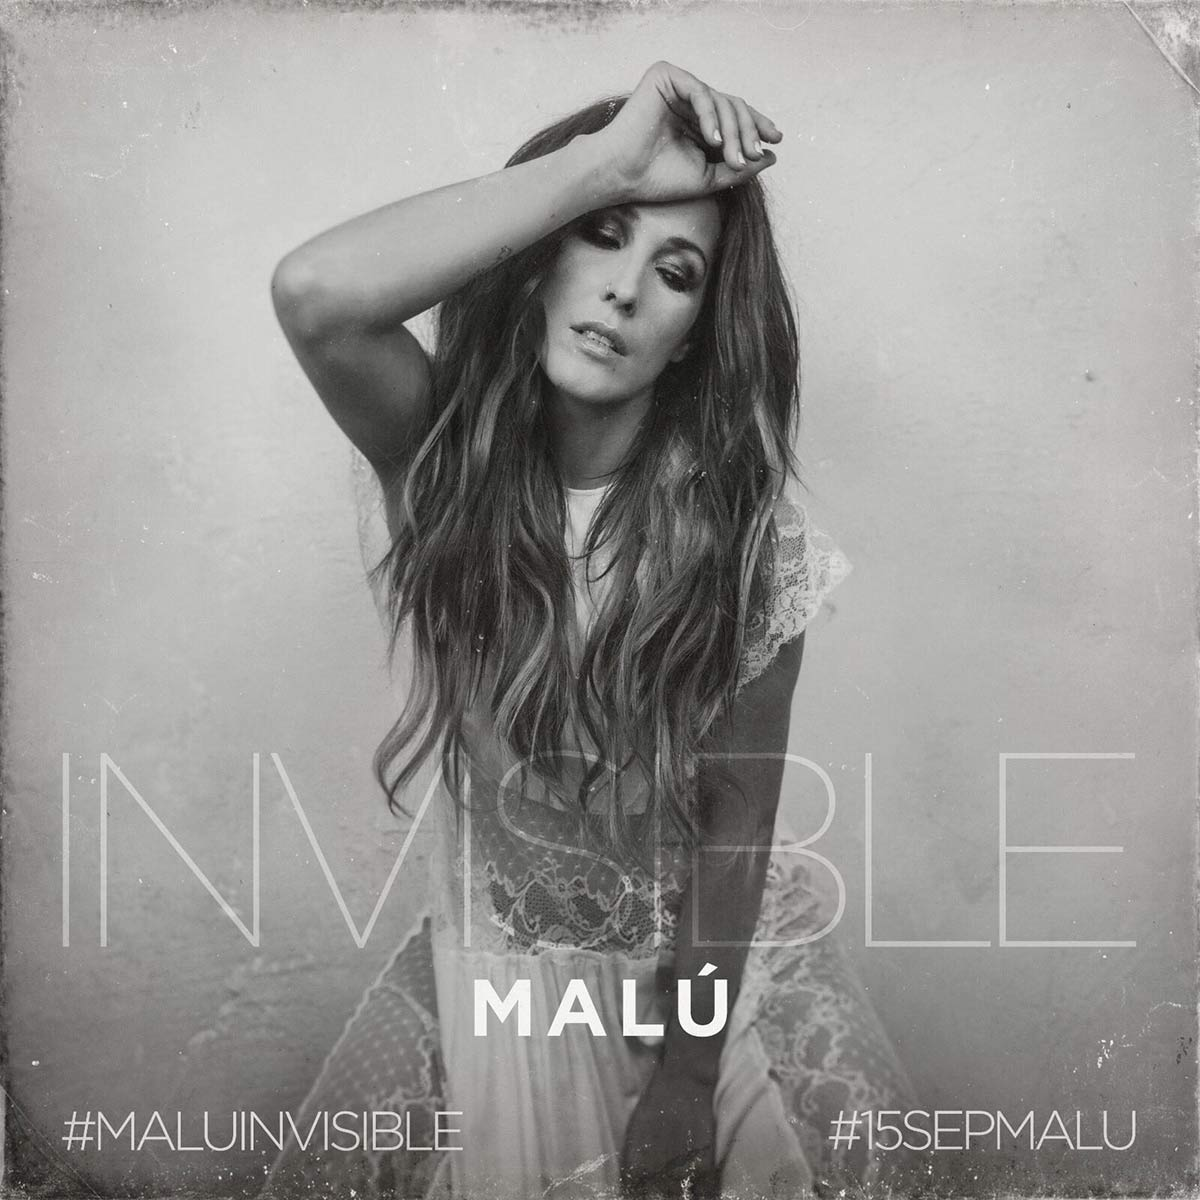 """Malú regresa con """"Invisible"""", un tema producido por Julio Reyes"""